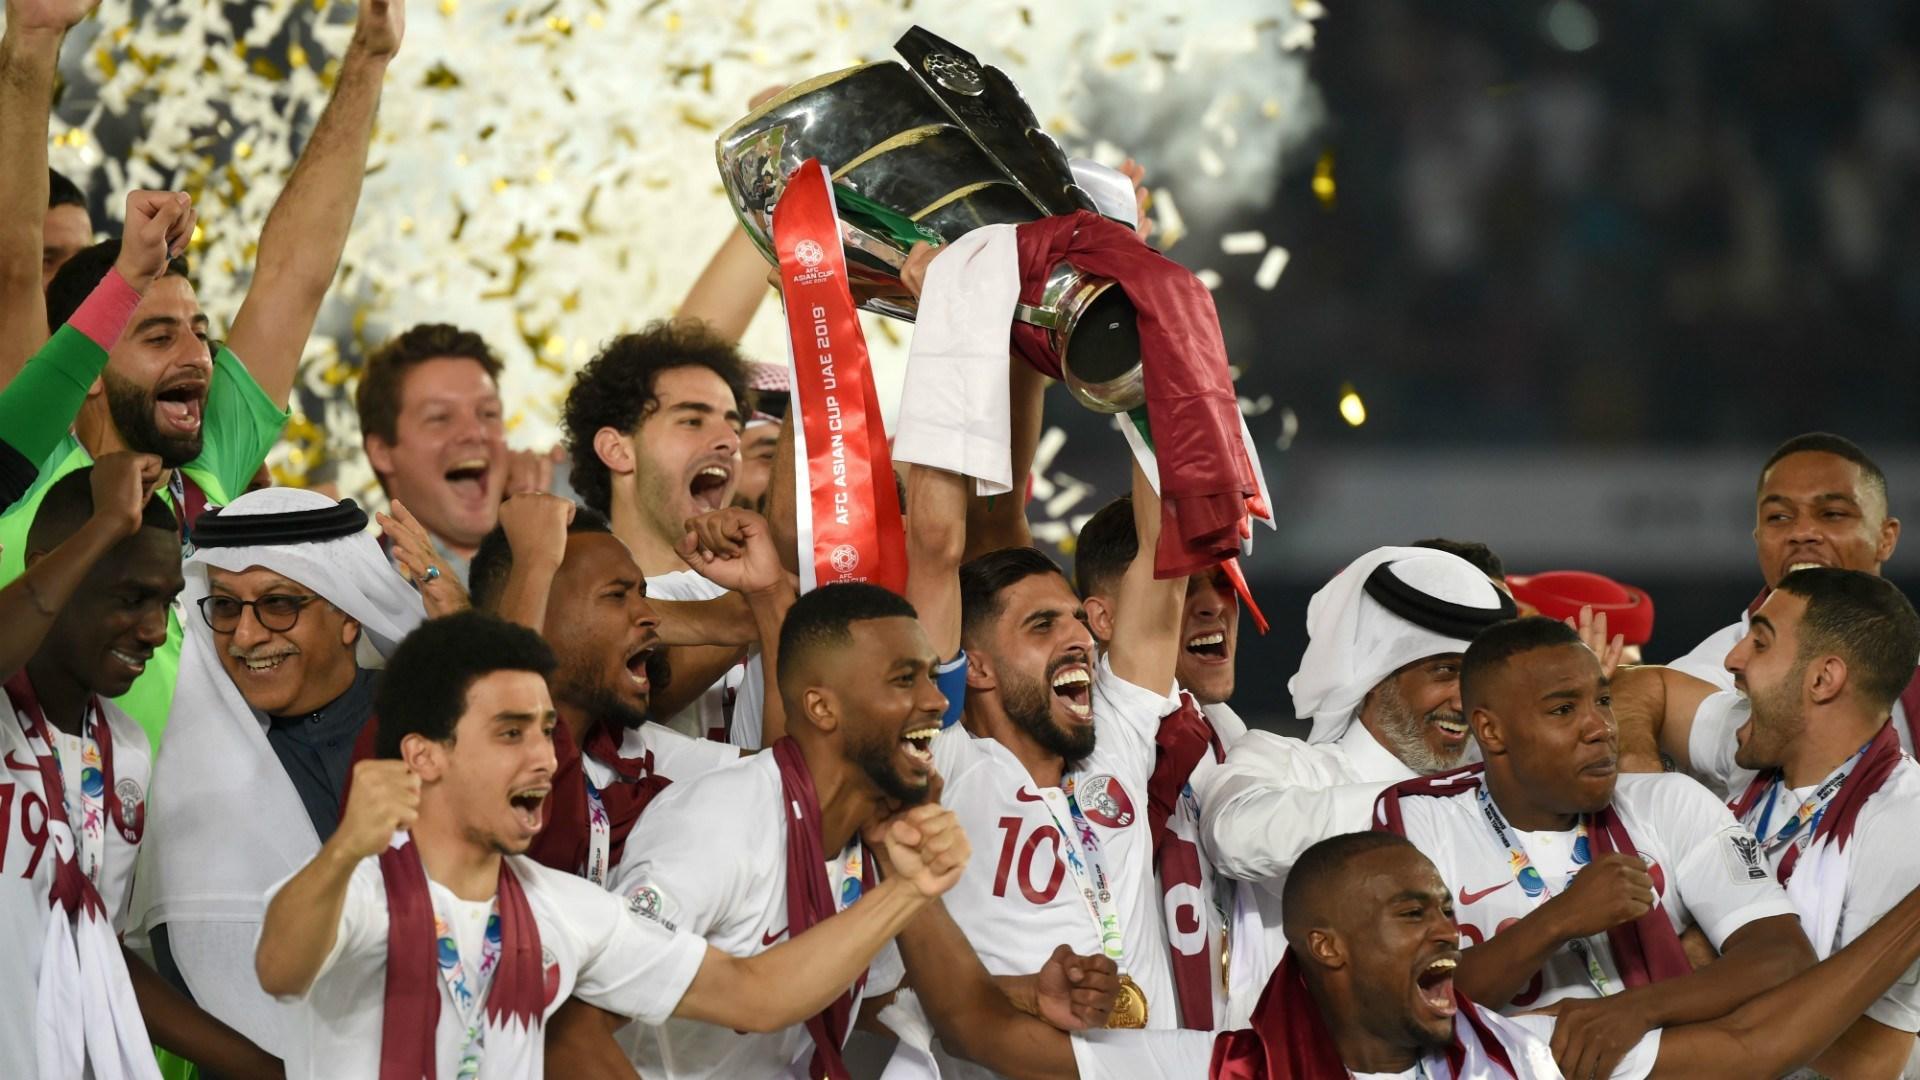 منتخب قطر أثناء تتويجه بطلاً لكأس الأمم الآسيوية (أرشيف)